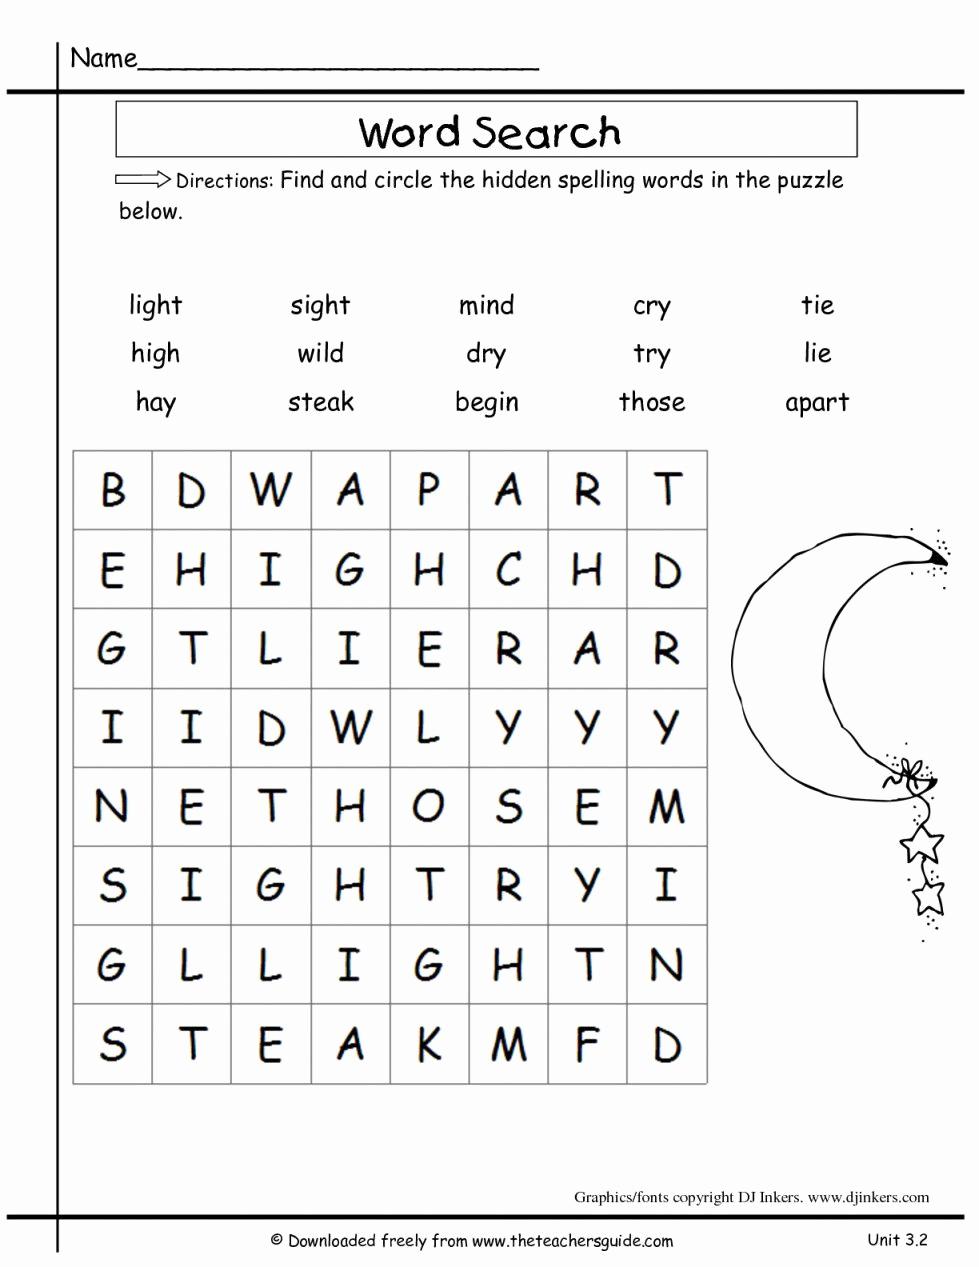 2nd Grade Spelling Worksheets Unique 2nd Grade Spelling Worksheets to Print 2nd Grade Spelling